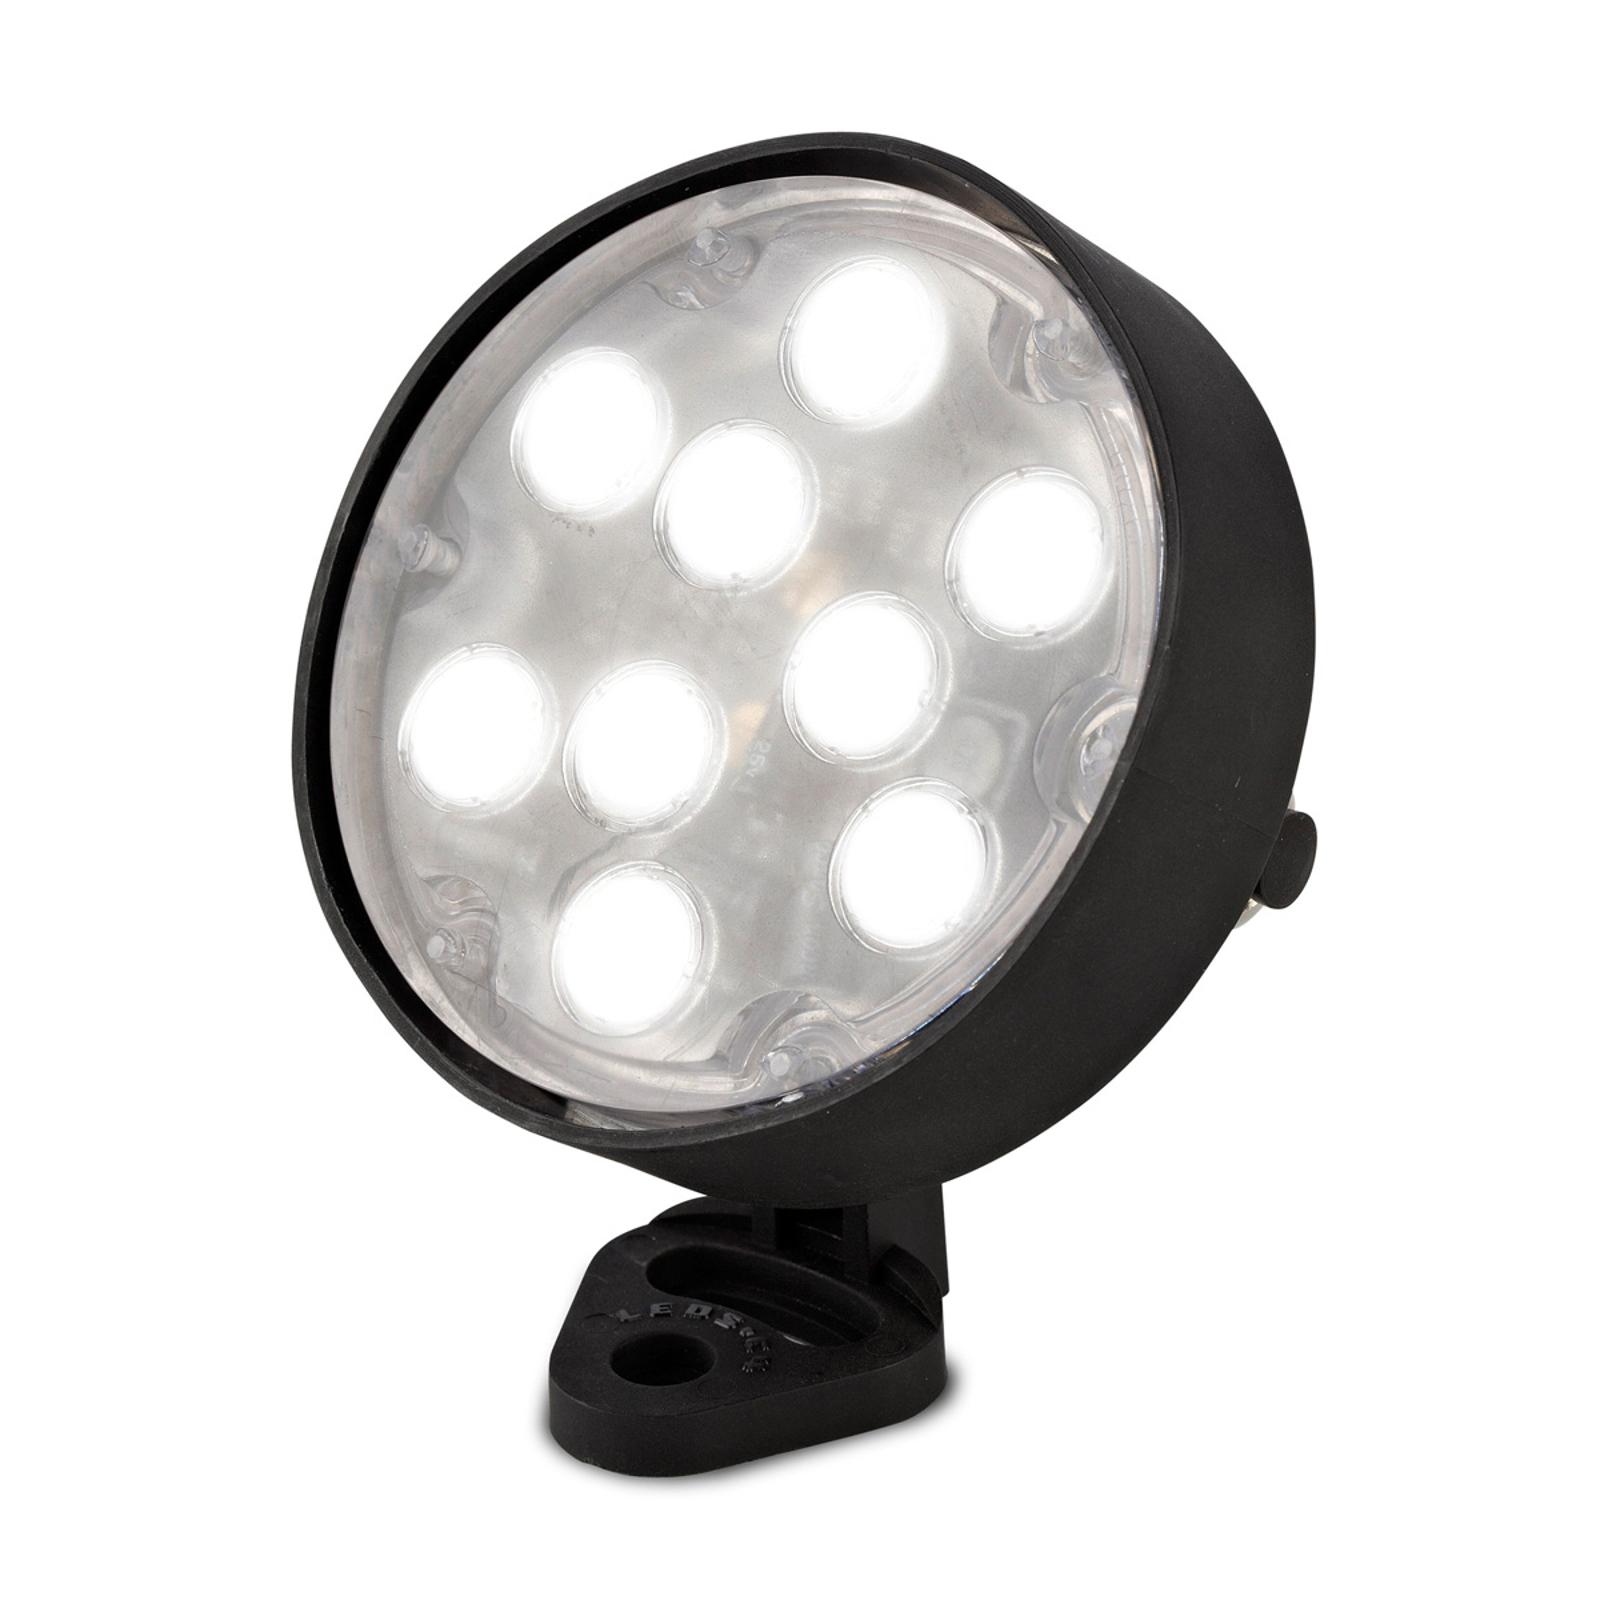 LED-undervannsstråler Aqua, diameter 10,4 cm